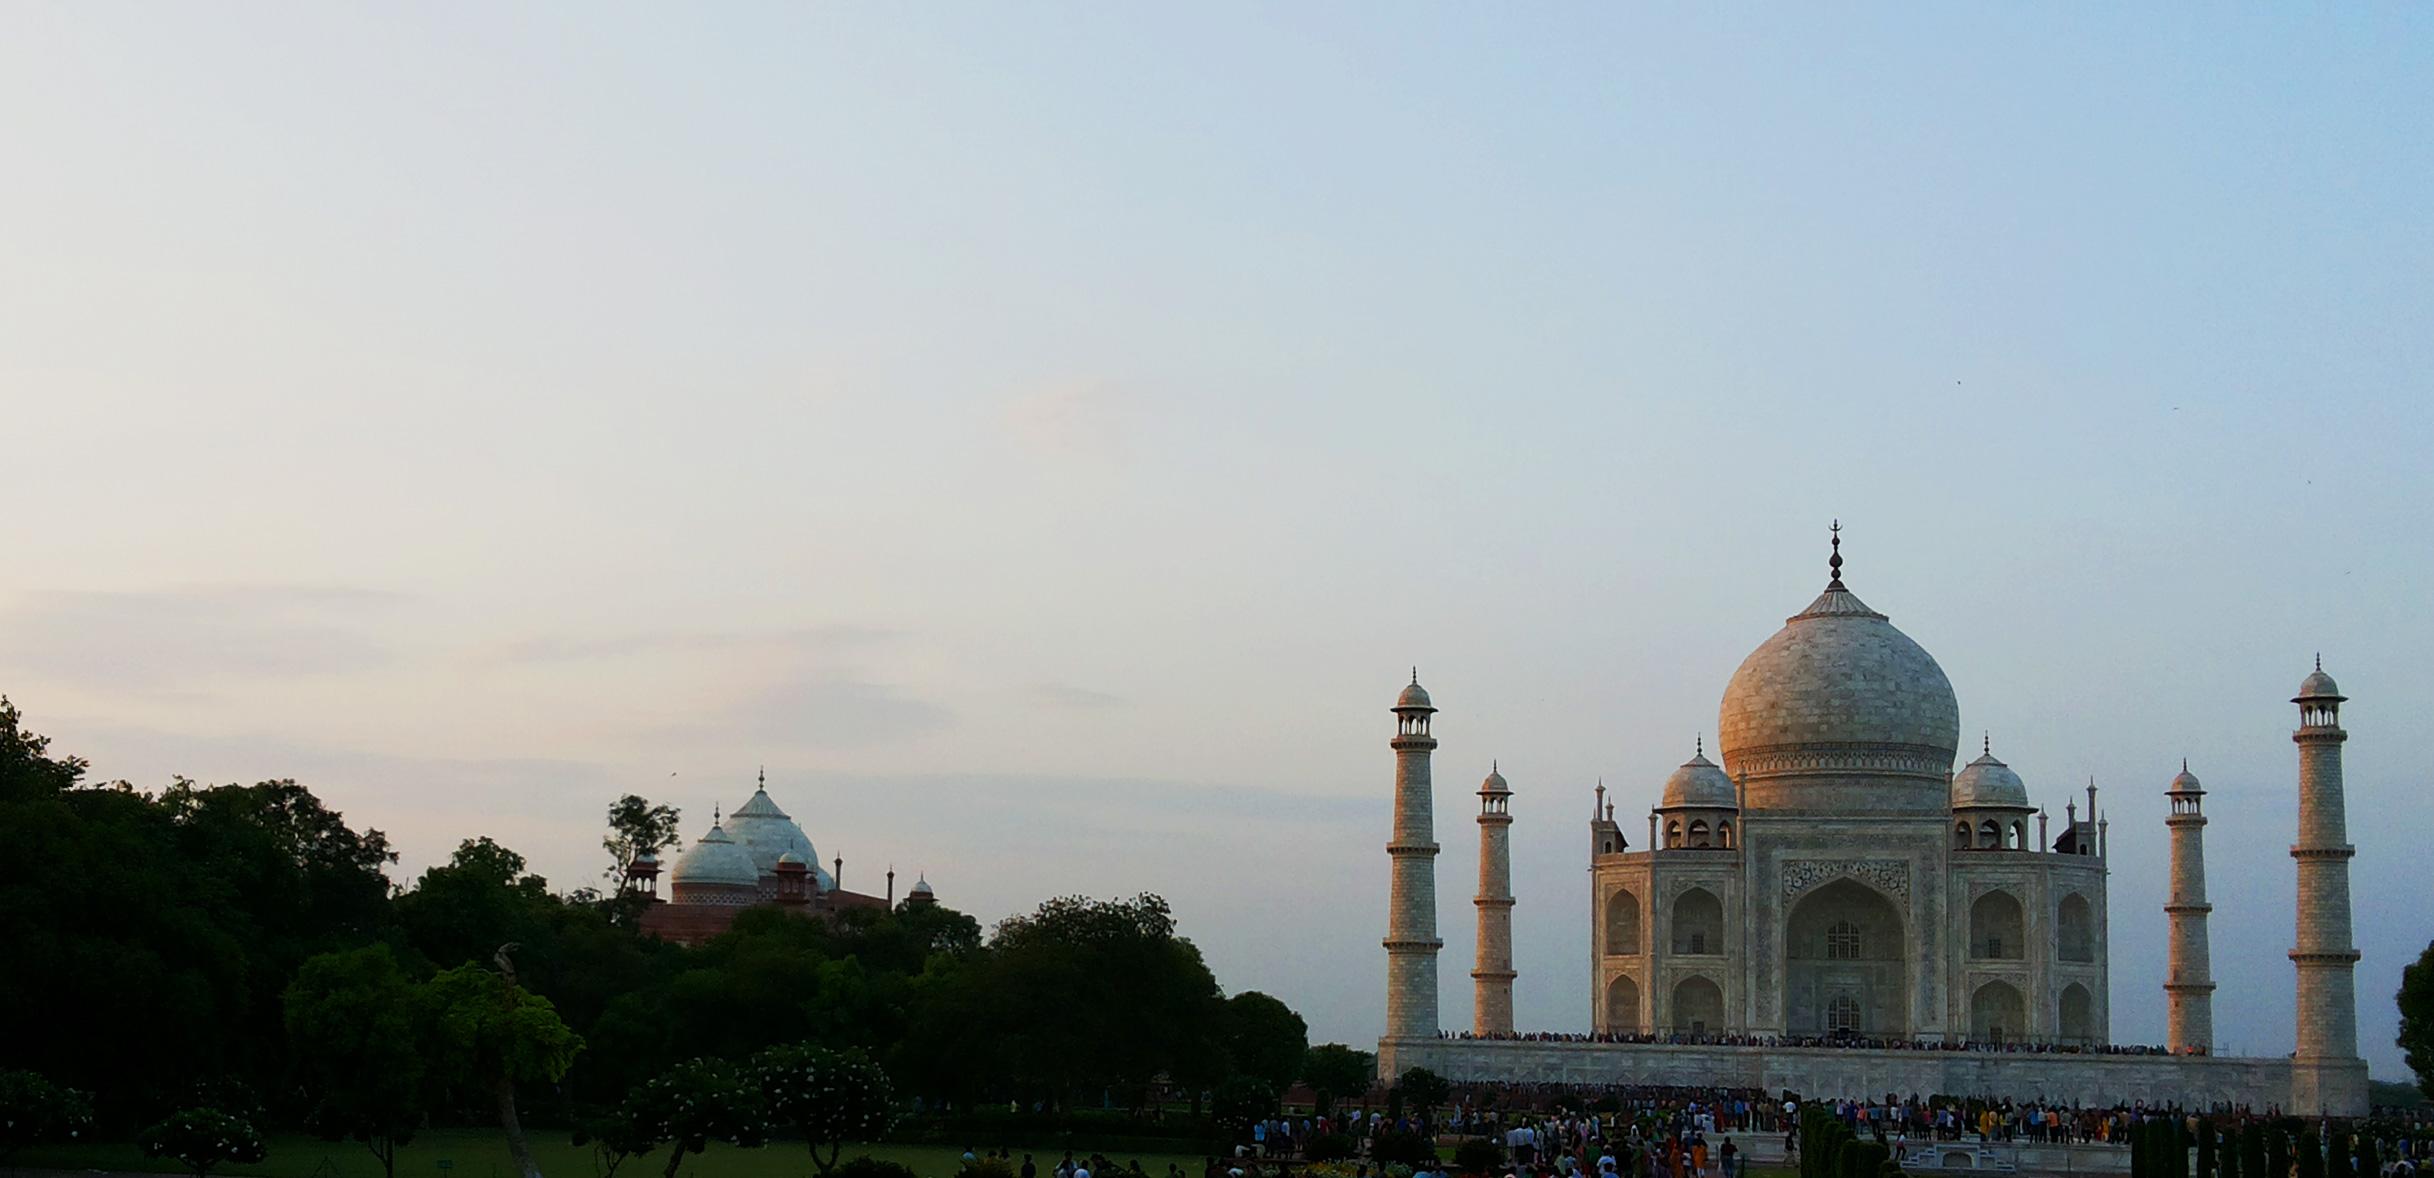 Taj mahal during evening